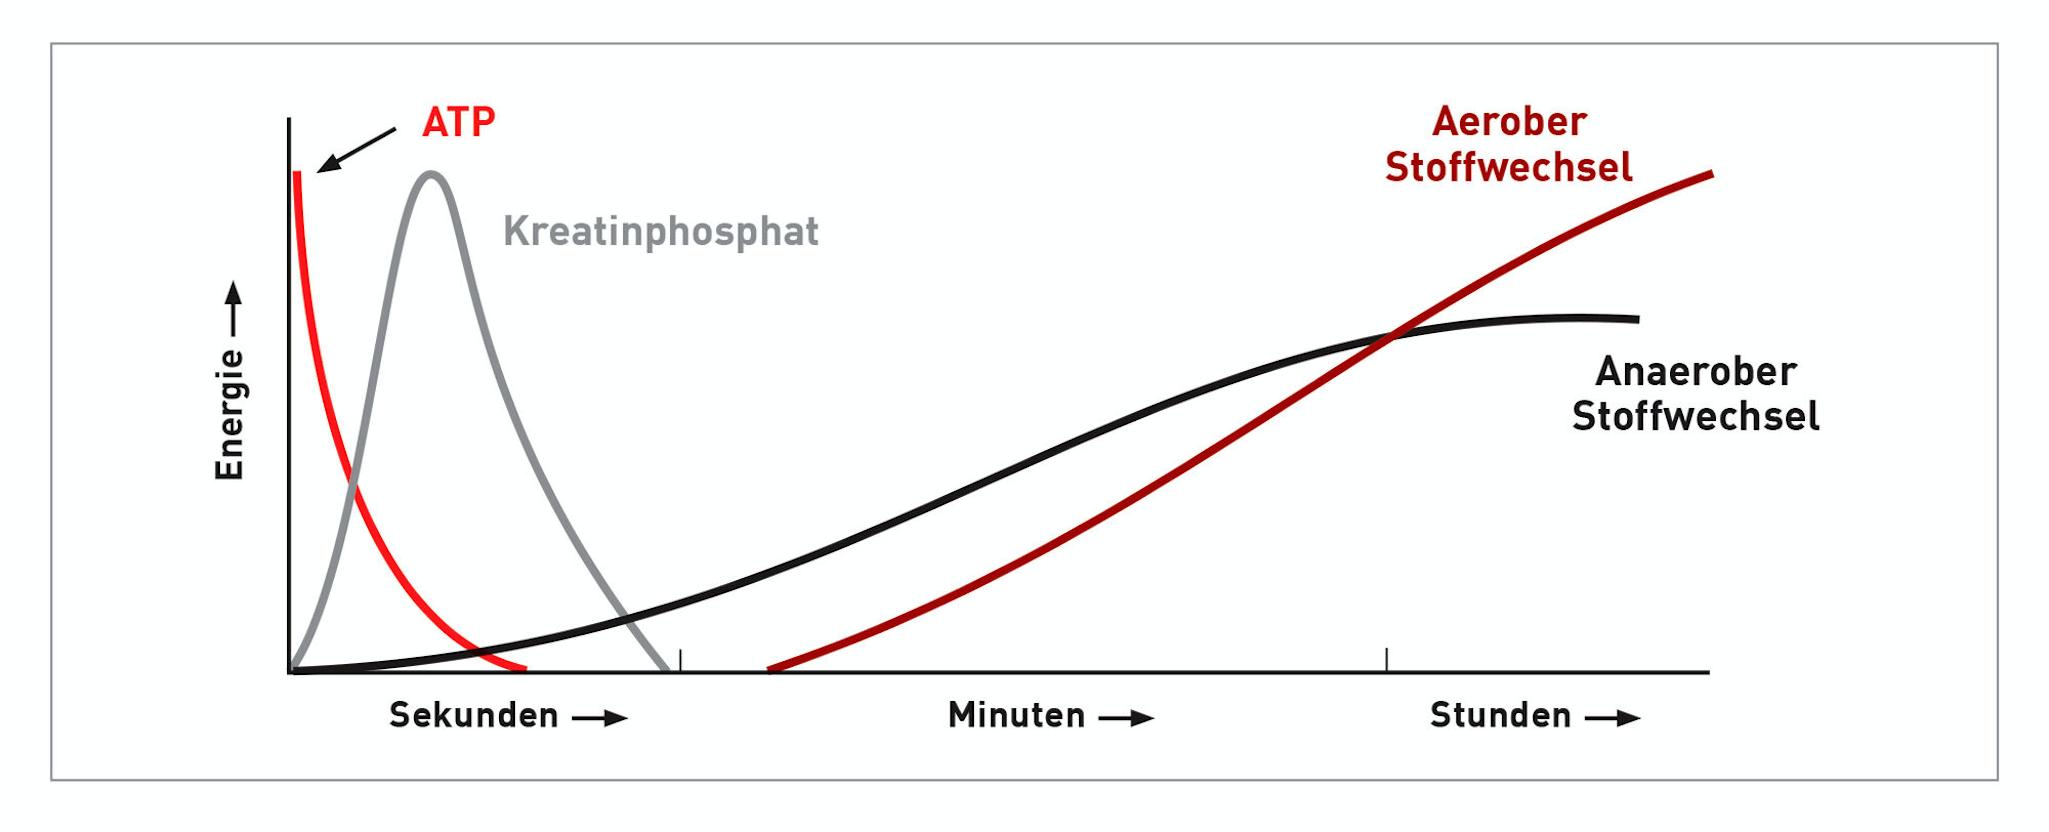 Diese Grafik zeigt den Verlauf der Nutzung verschiedener Energiequellen während einer körperlichen Anstrengung.